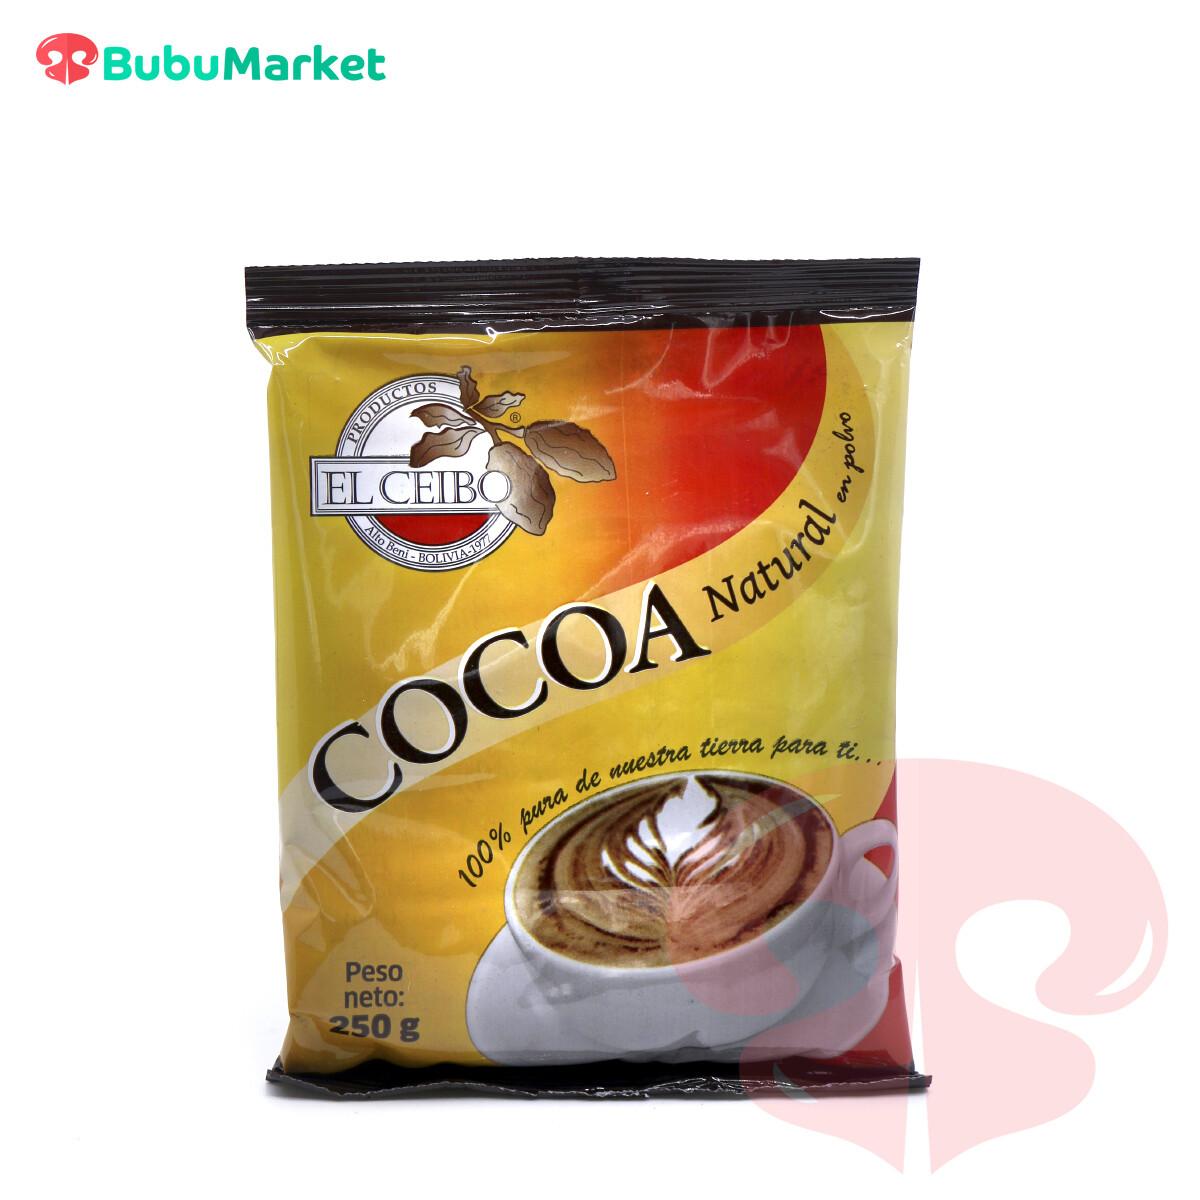 COCOA NATURAL EL CEIBO BOLSA DE 250 GR.